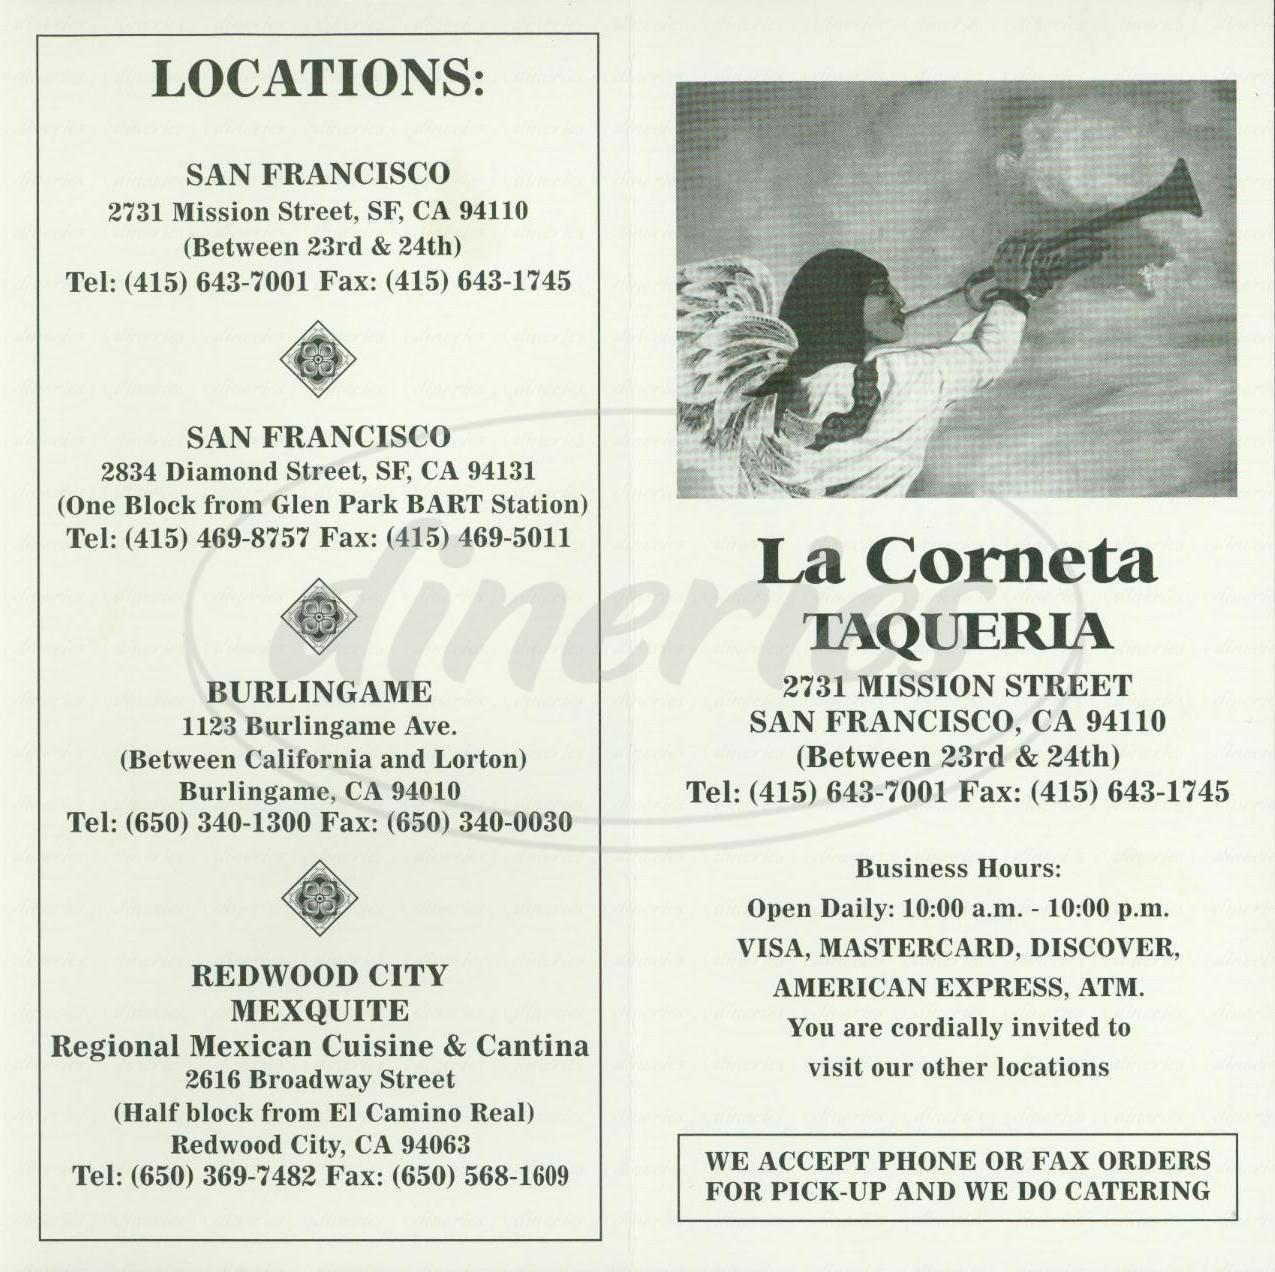 menu for La Corneta Taqueria